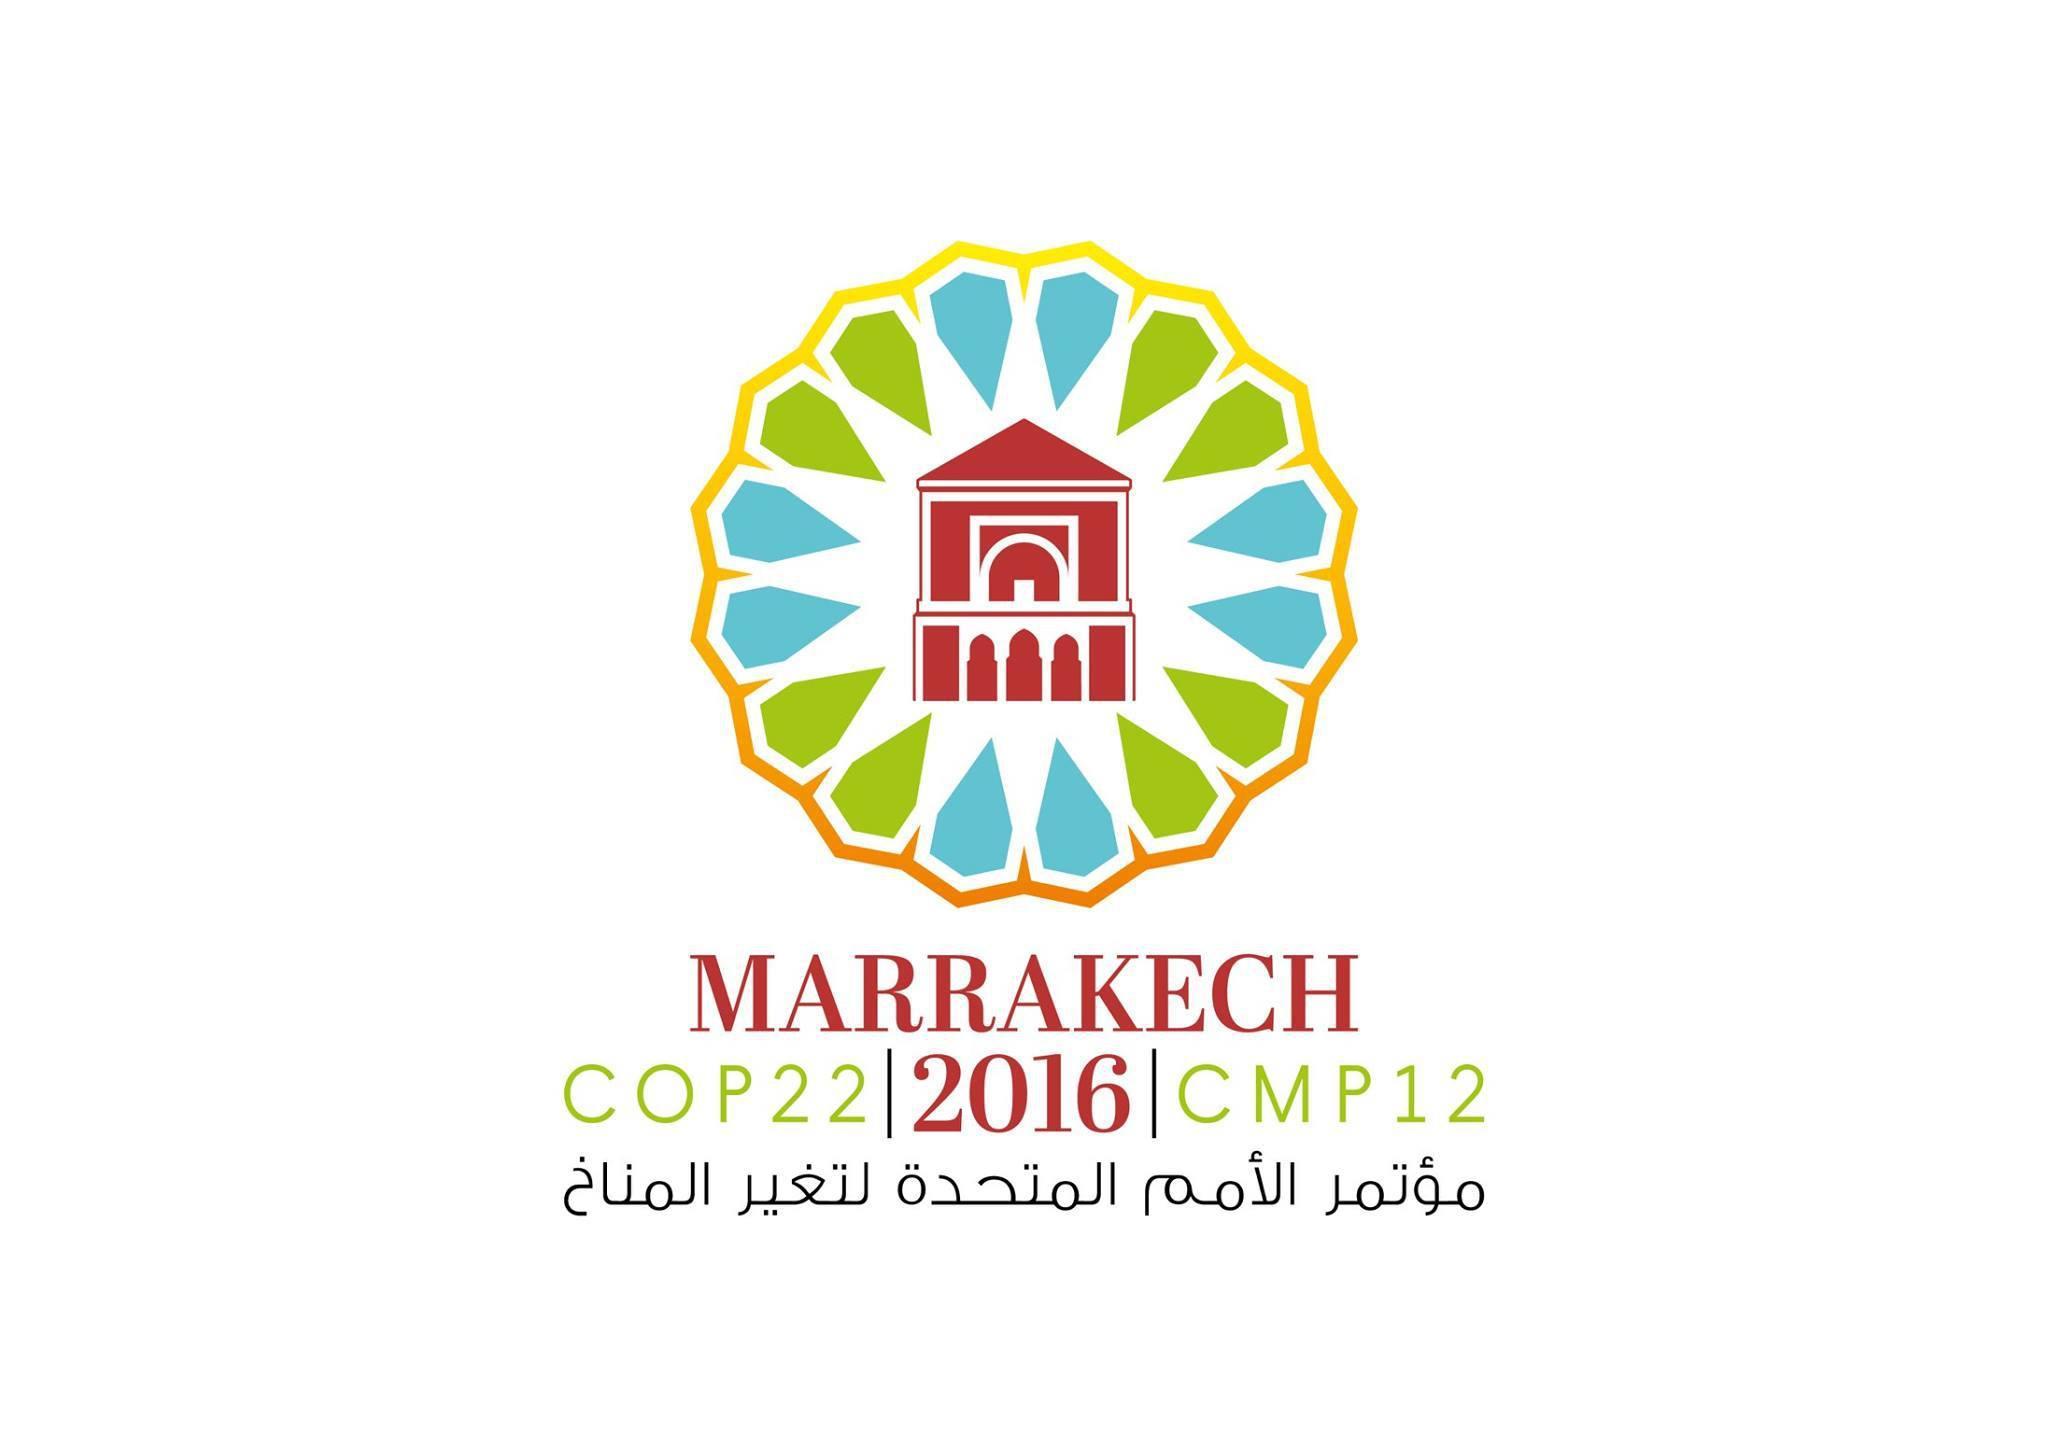 فيسبوكيون يوثقون جرائم بيئية بتطوان تزامنا مع «كوب» مراكش